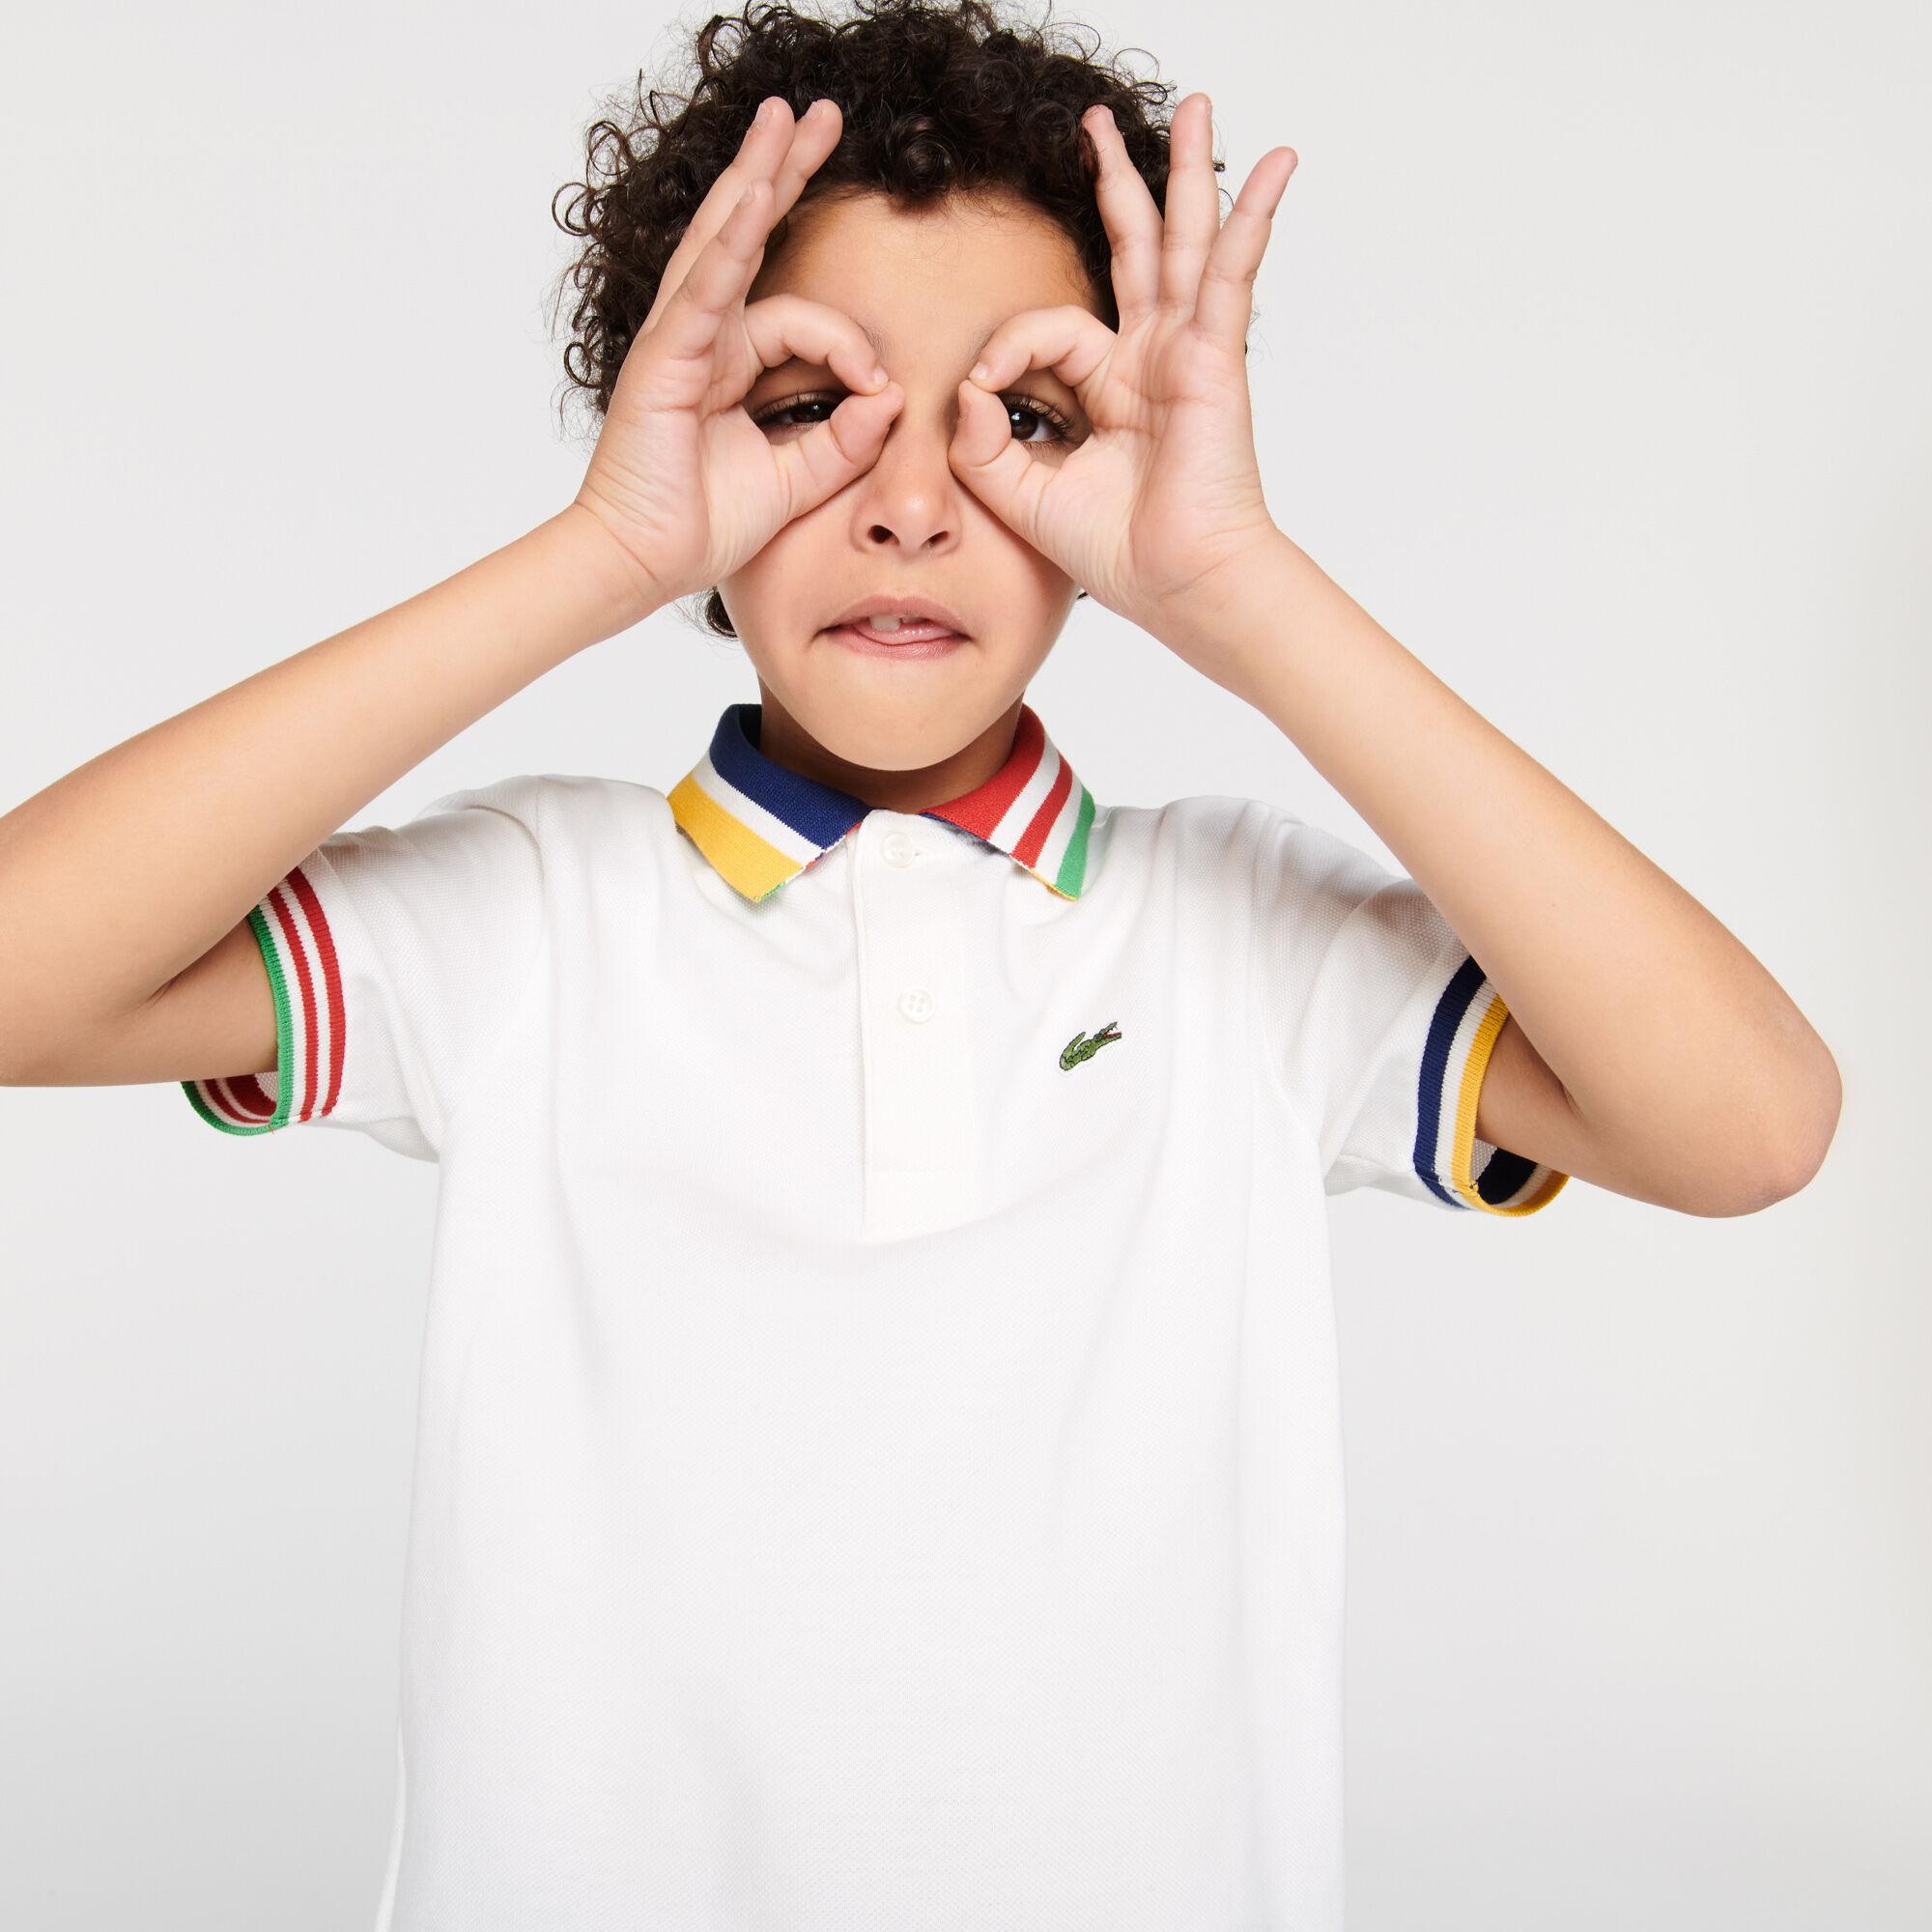 قميص بولو بيكيه القطن للأولاد بأجزاء مقلمة